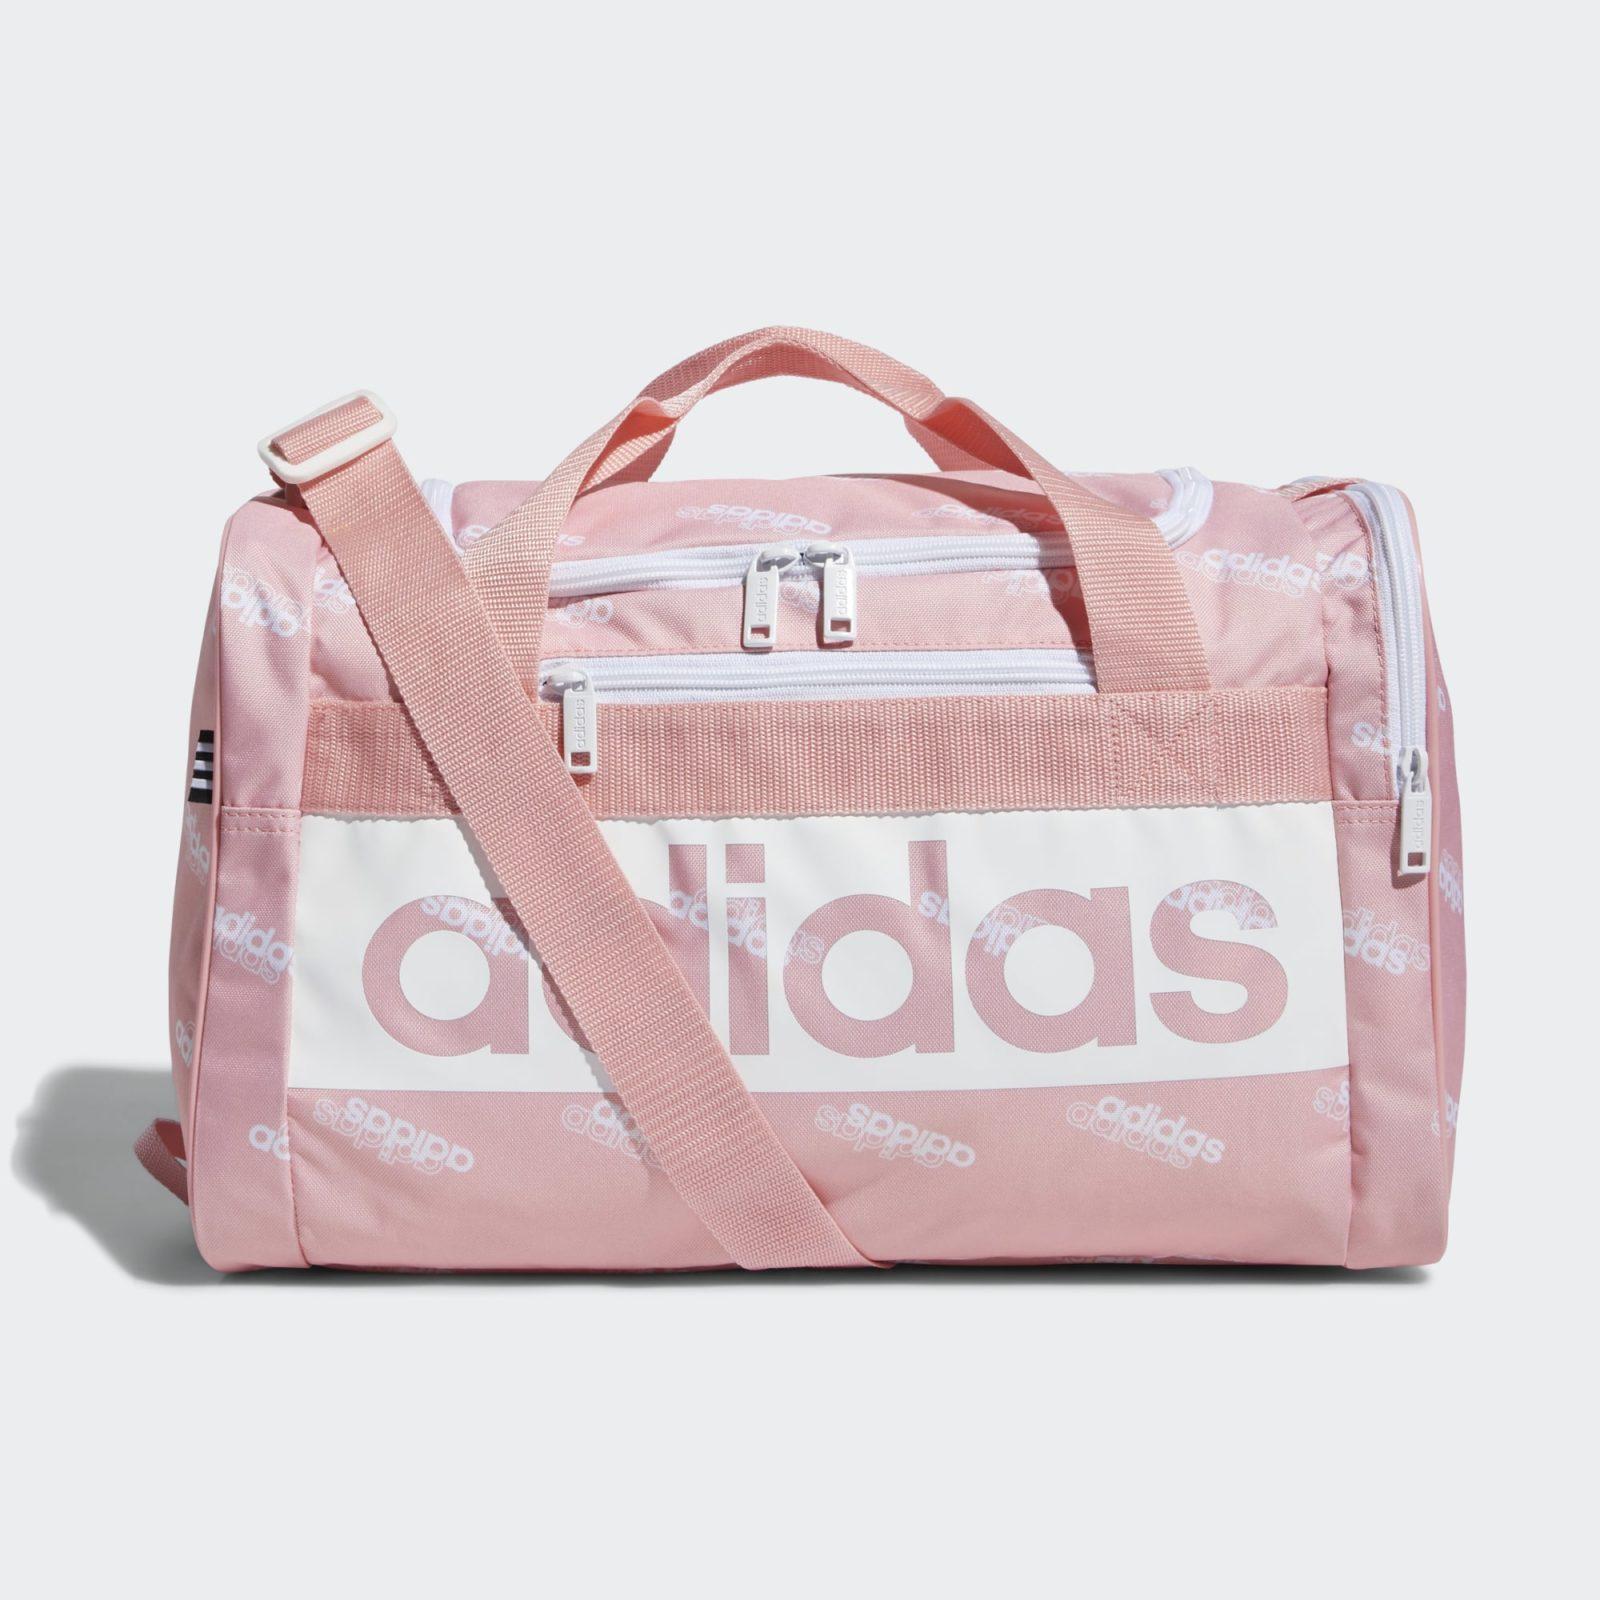 Adidas sale bag